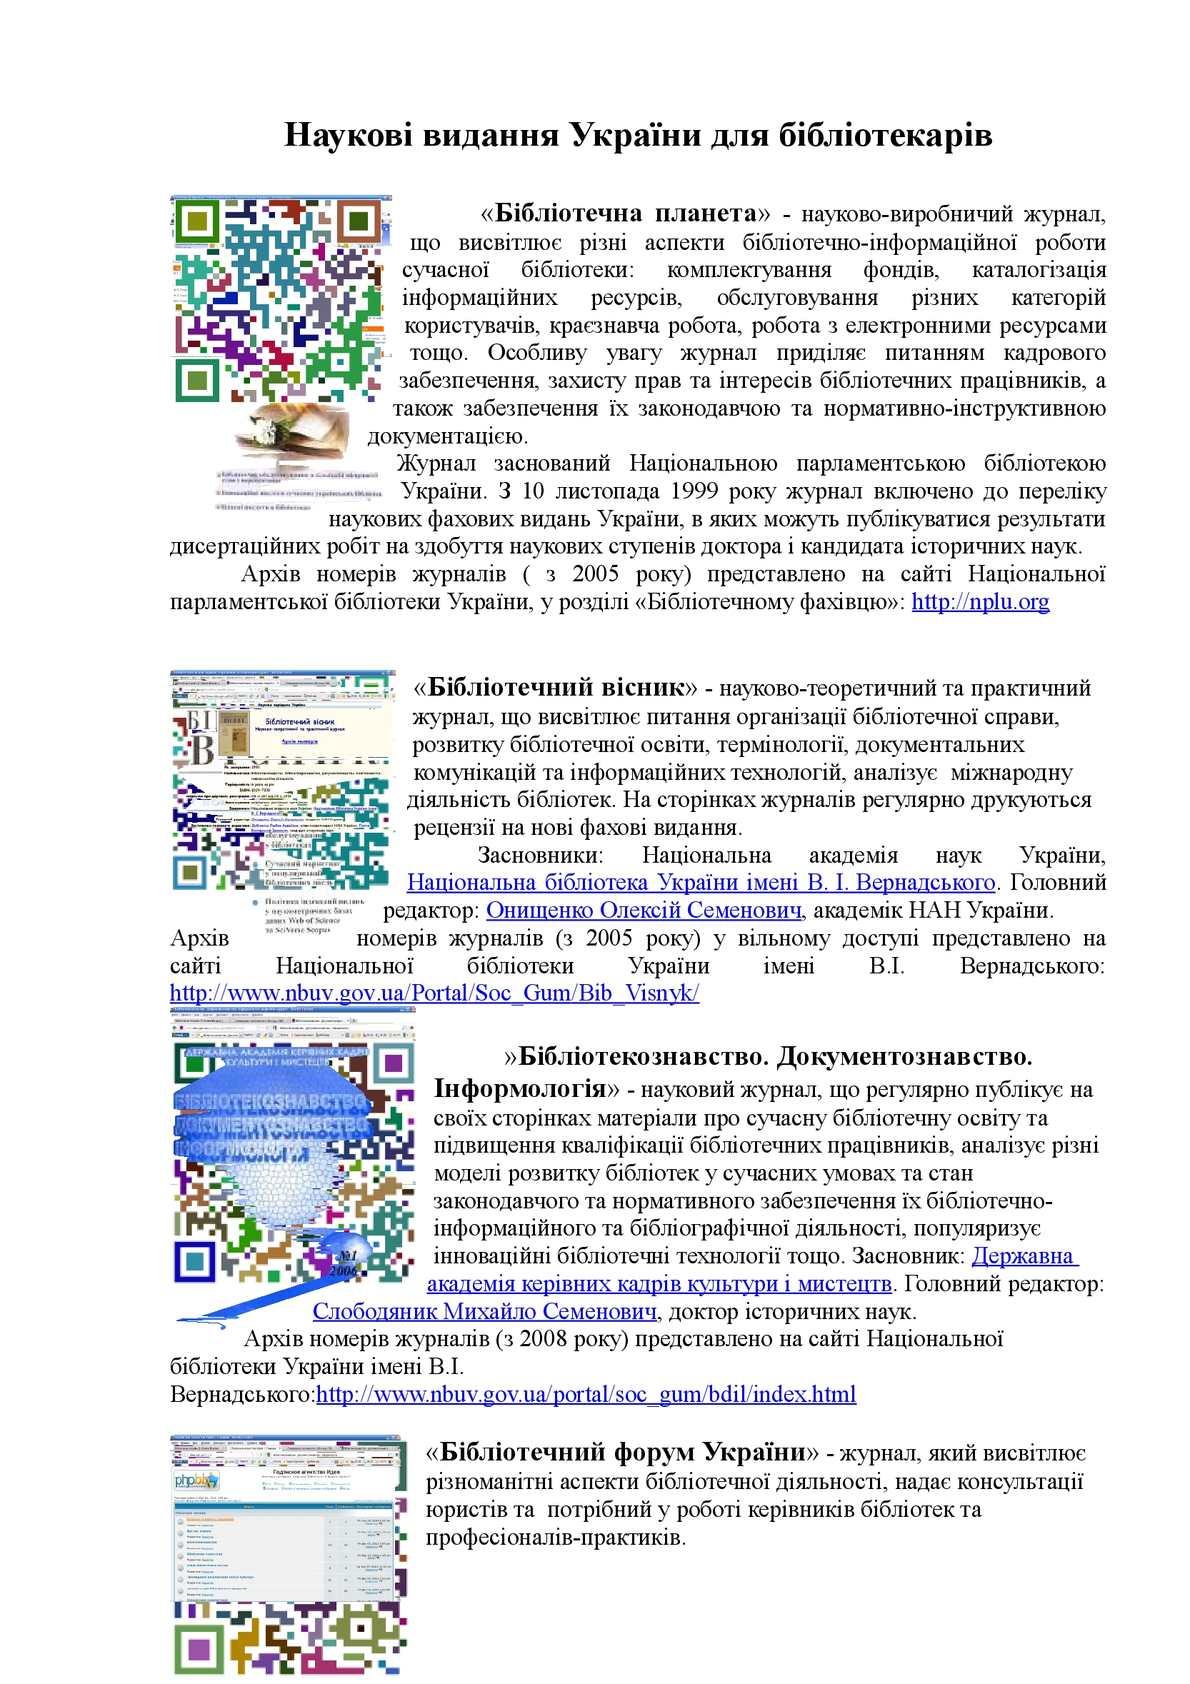 Наукові видання-бібліотекарю